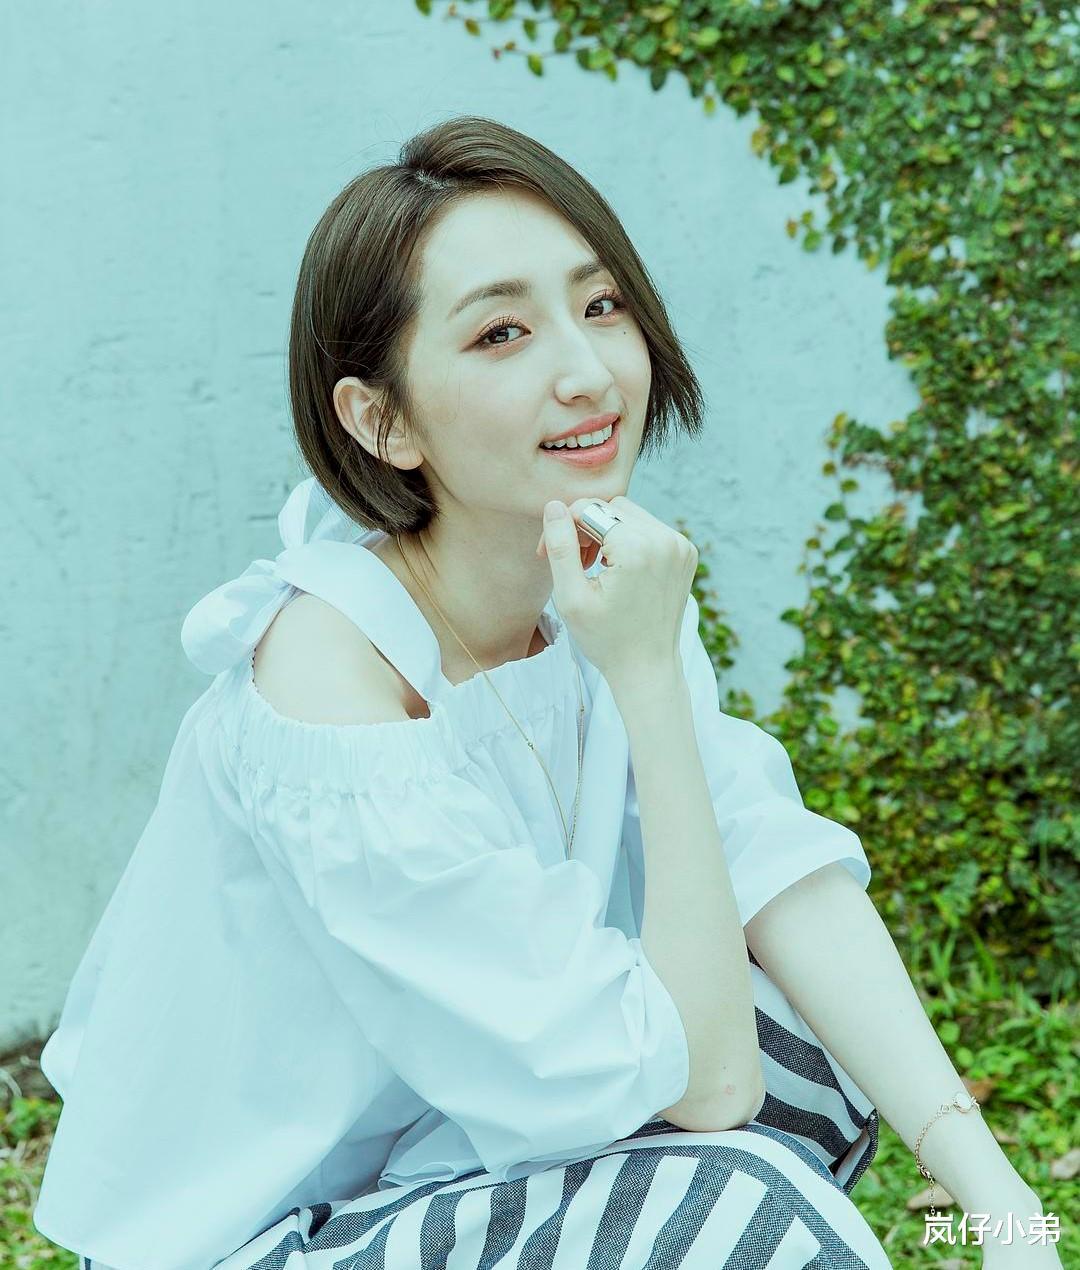 这位爆红的台湾女演员转战内地,多个热门综艺争相邀约,人气逆天!